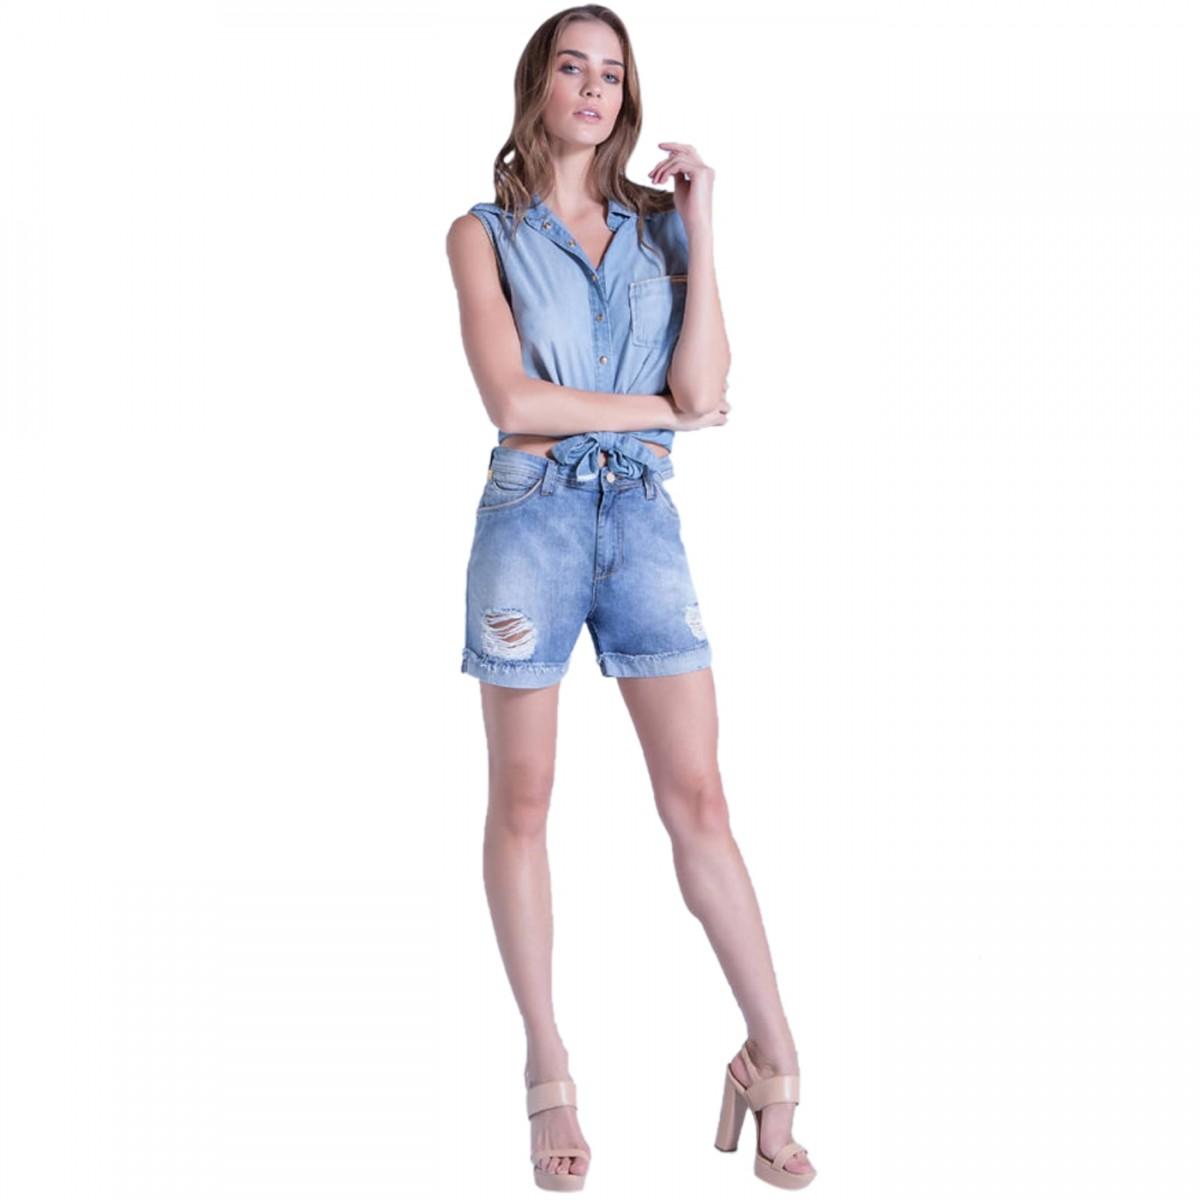 Imagem - Camisa Jeans Feminina Ana Hickmann 20068 - 053292 111eb1c440